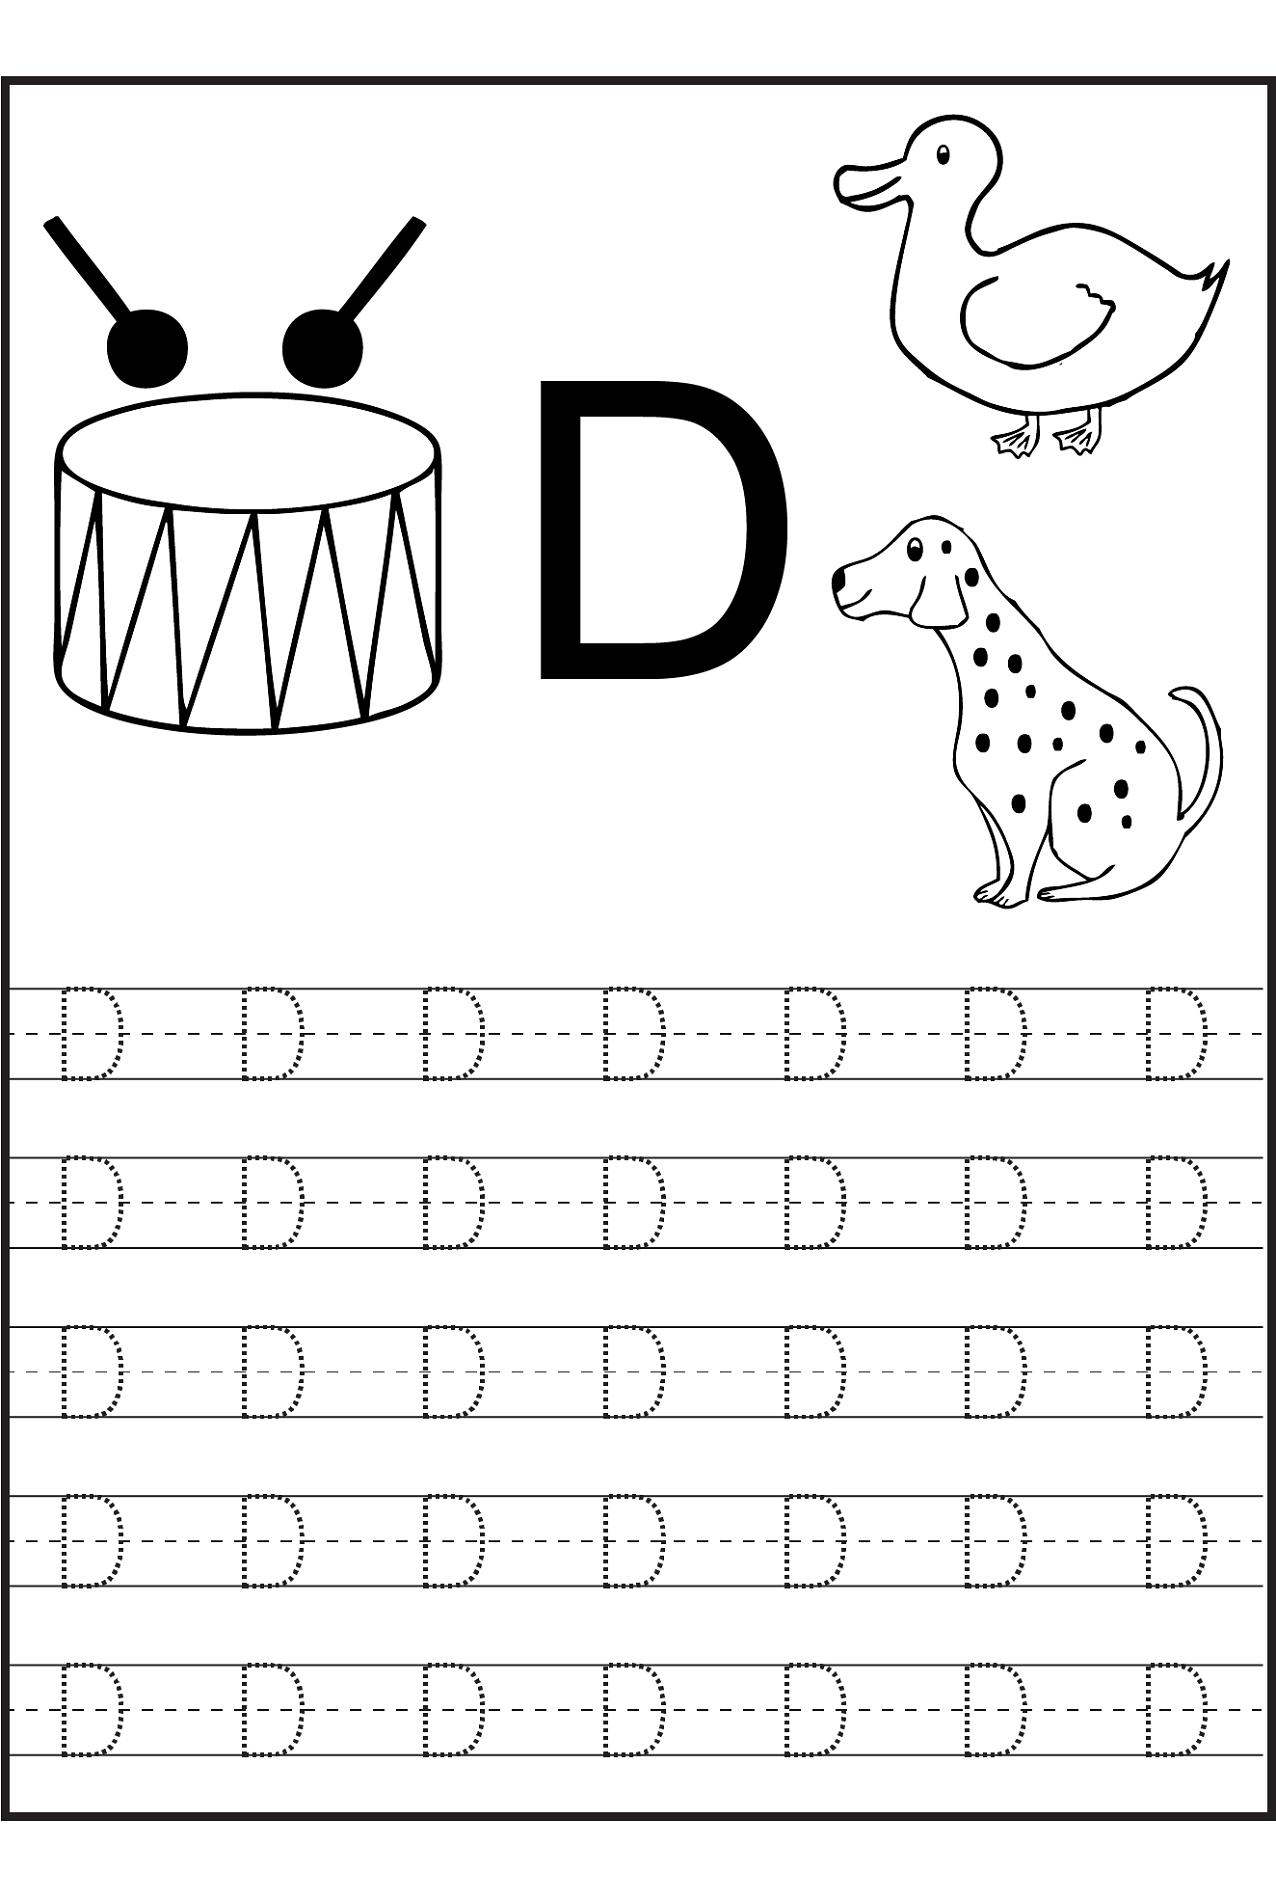 Letter D Tracing Worksheets.Trace Letter D Worksheets Activity Shelter